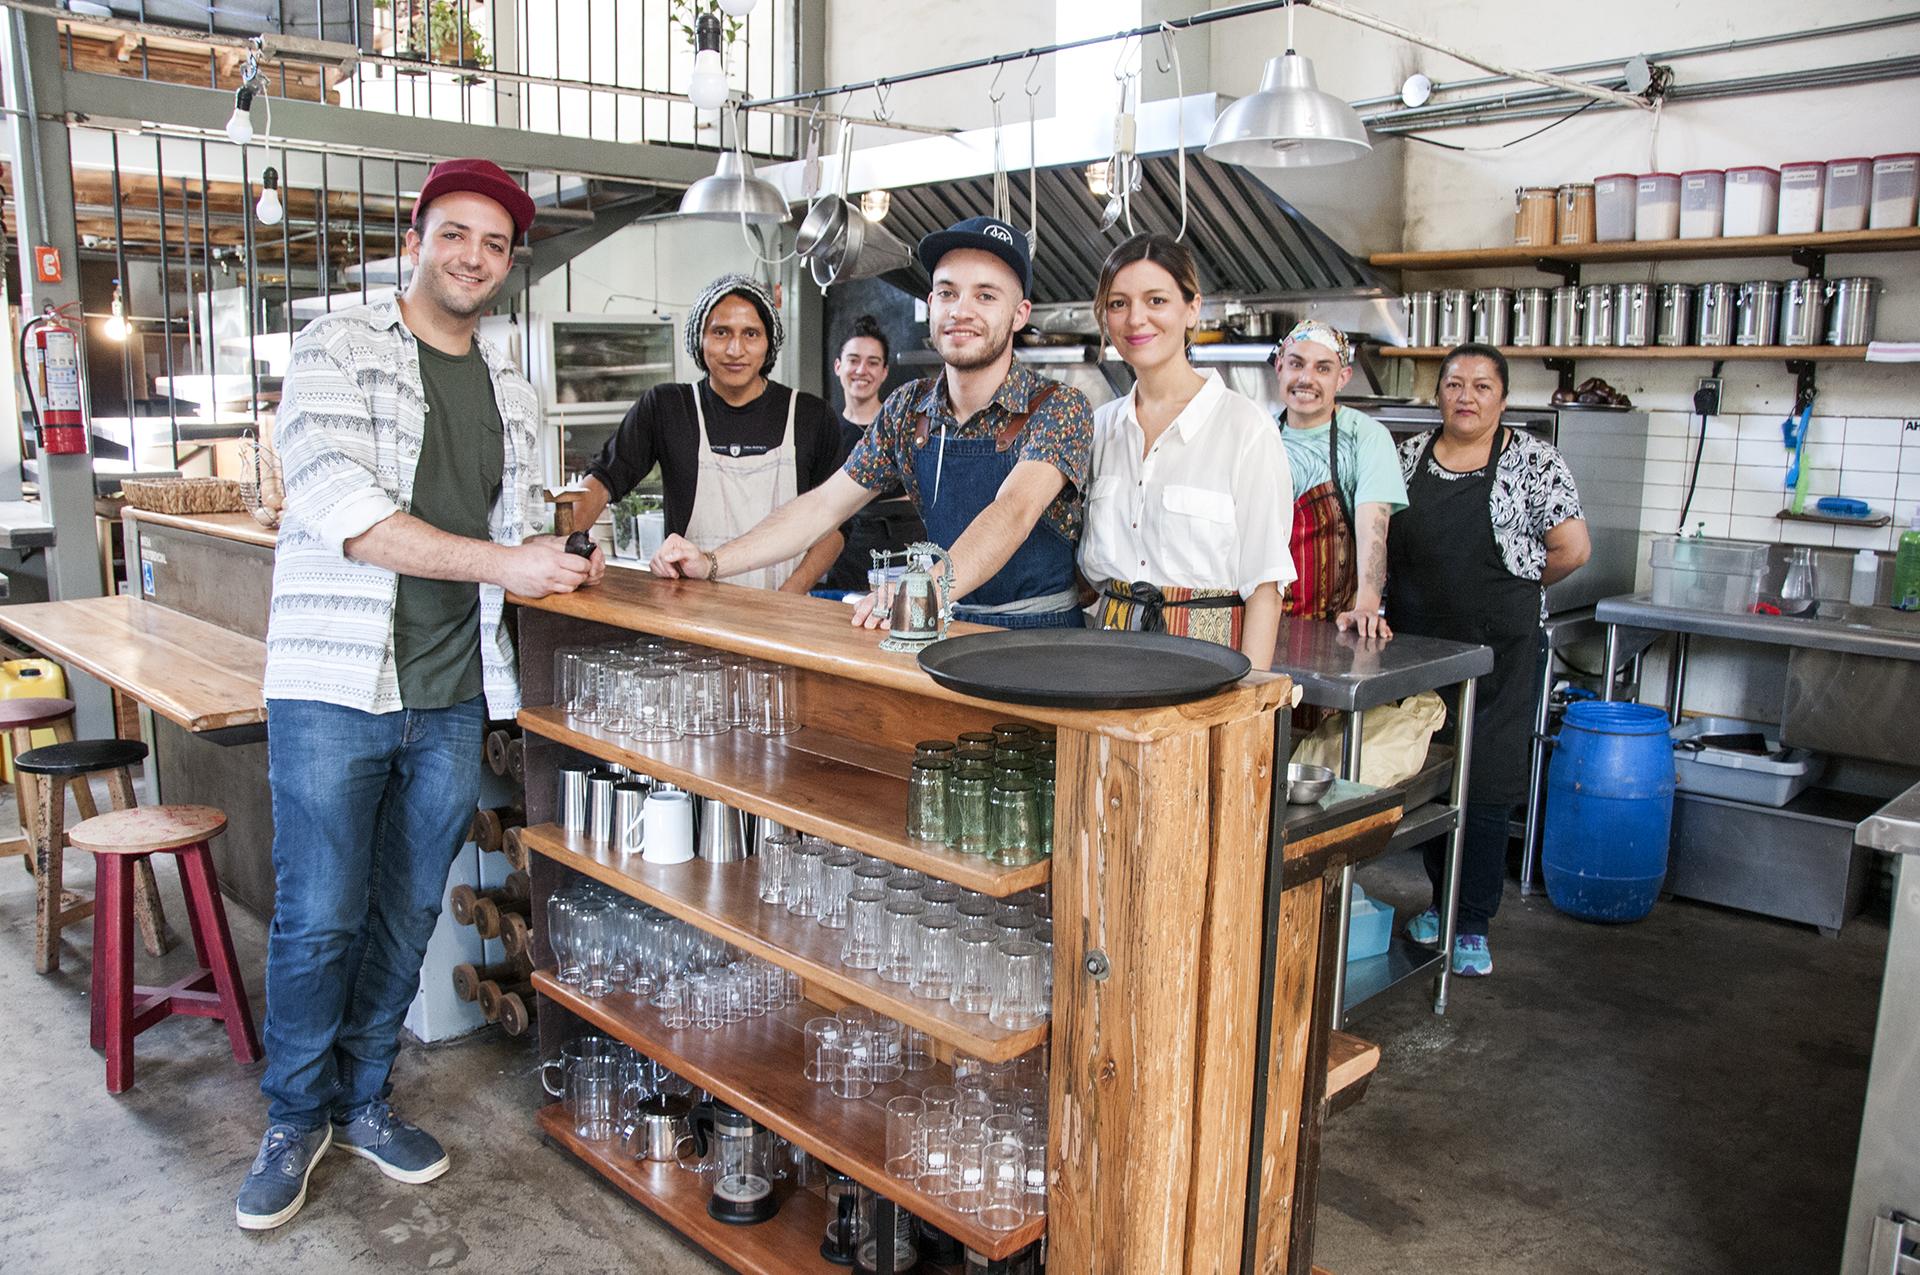 Parte del equipo en Laboratorio Diseño/Gastronomía. A la izquierda Camilo Khon, pionero en el proyecto.